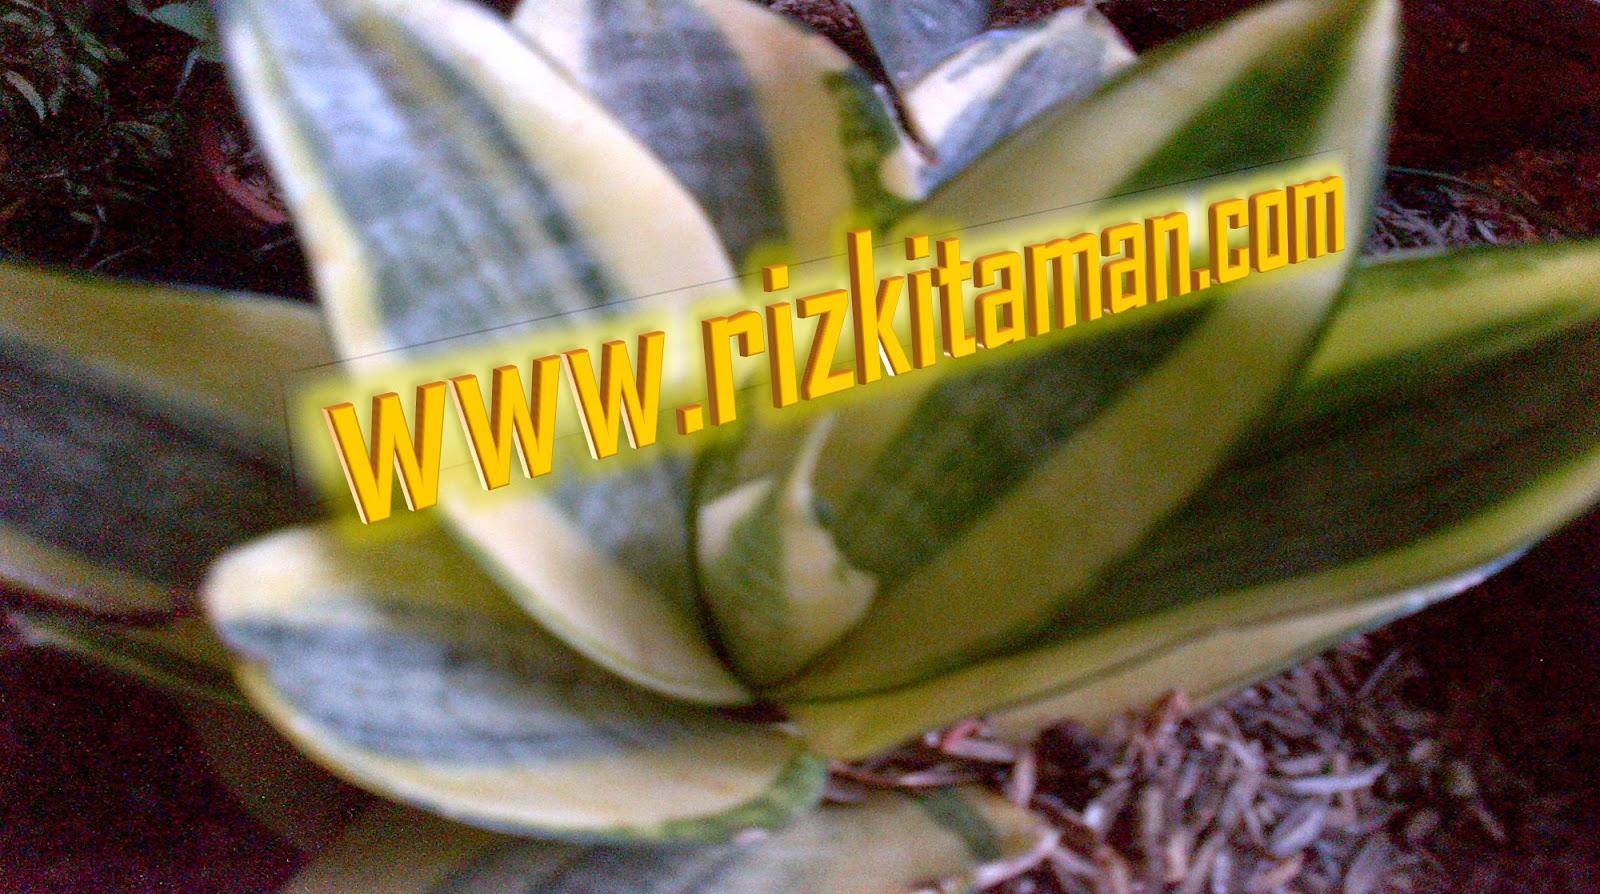 Jual sansevieria gldn hahni | solusi pertamanan | suplier tanaman dan rumput